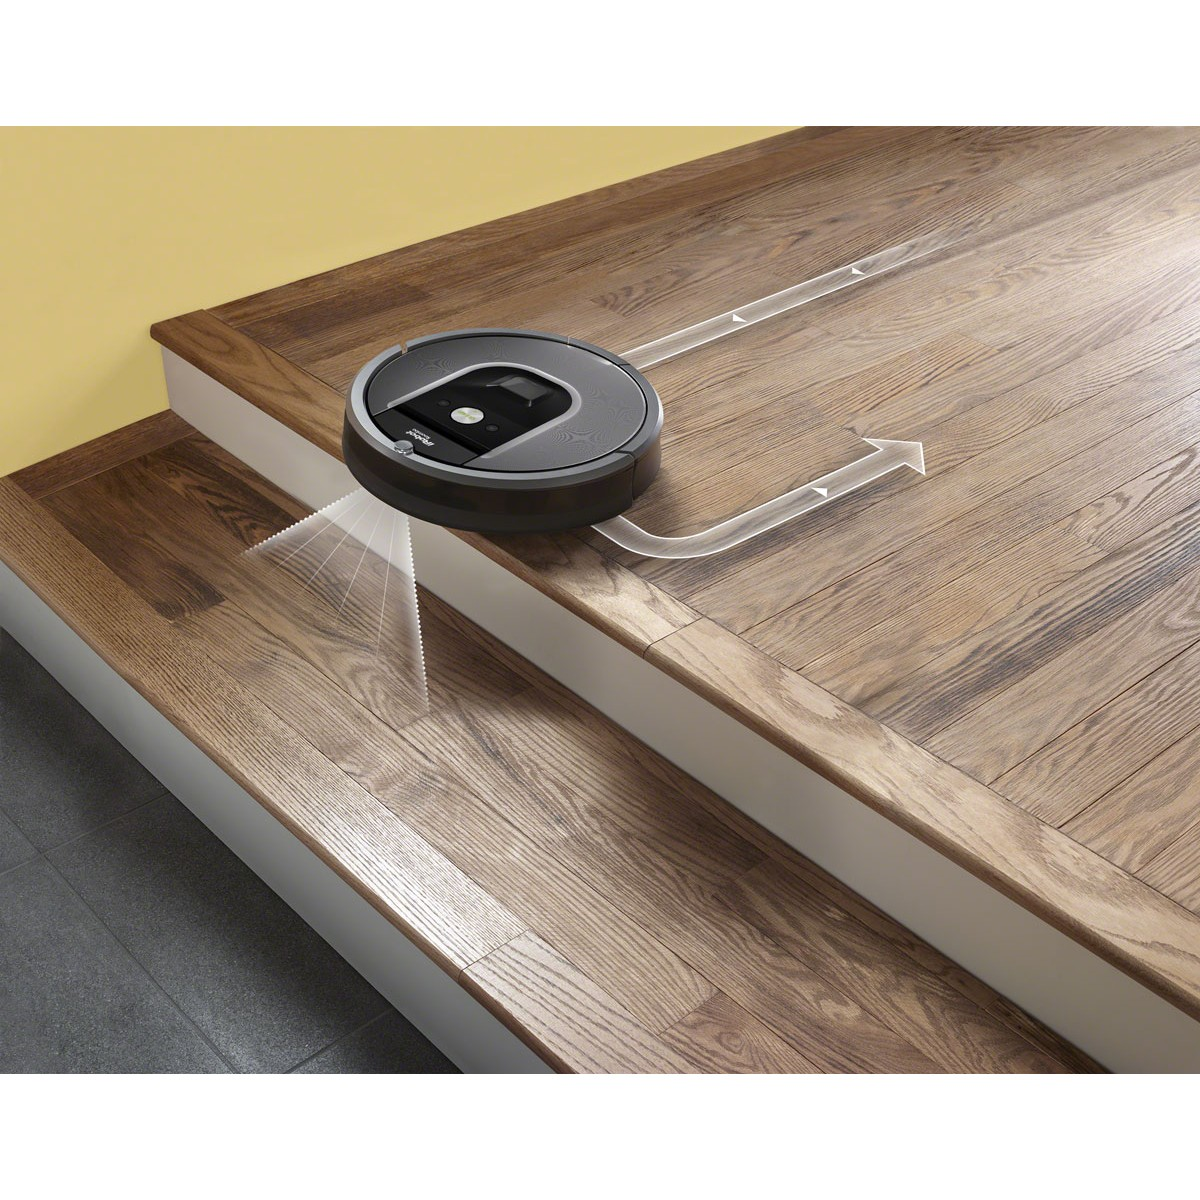 Système Aeroforce de l'aspirateur Roomba 960